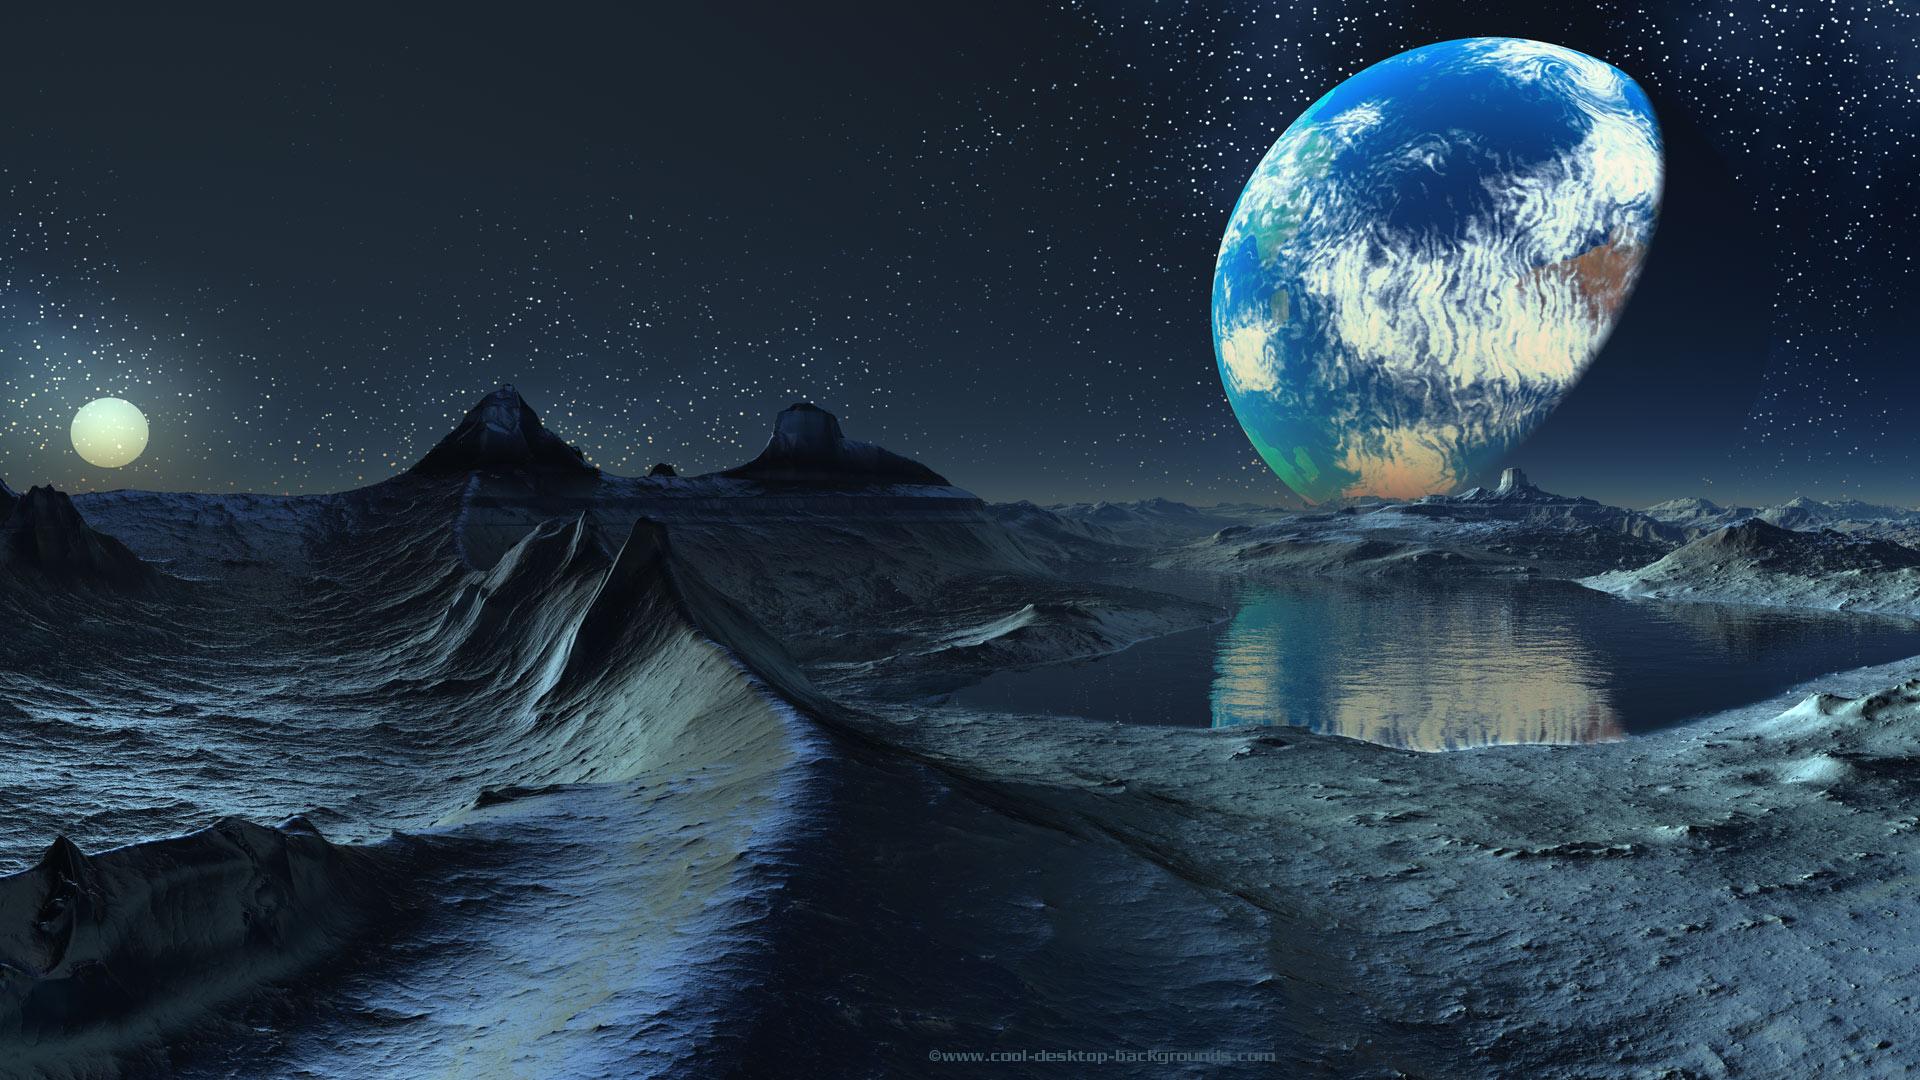 Planet Scifi Planets Desktop Water Full HD desktop wallpaper 1920x1080